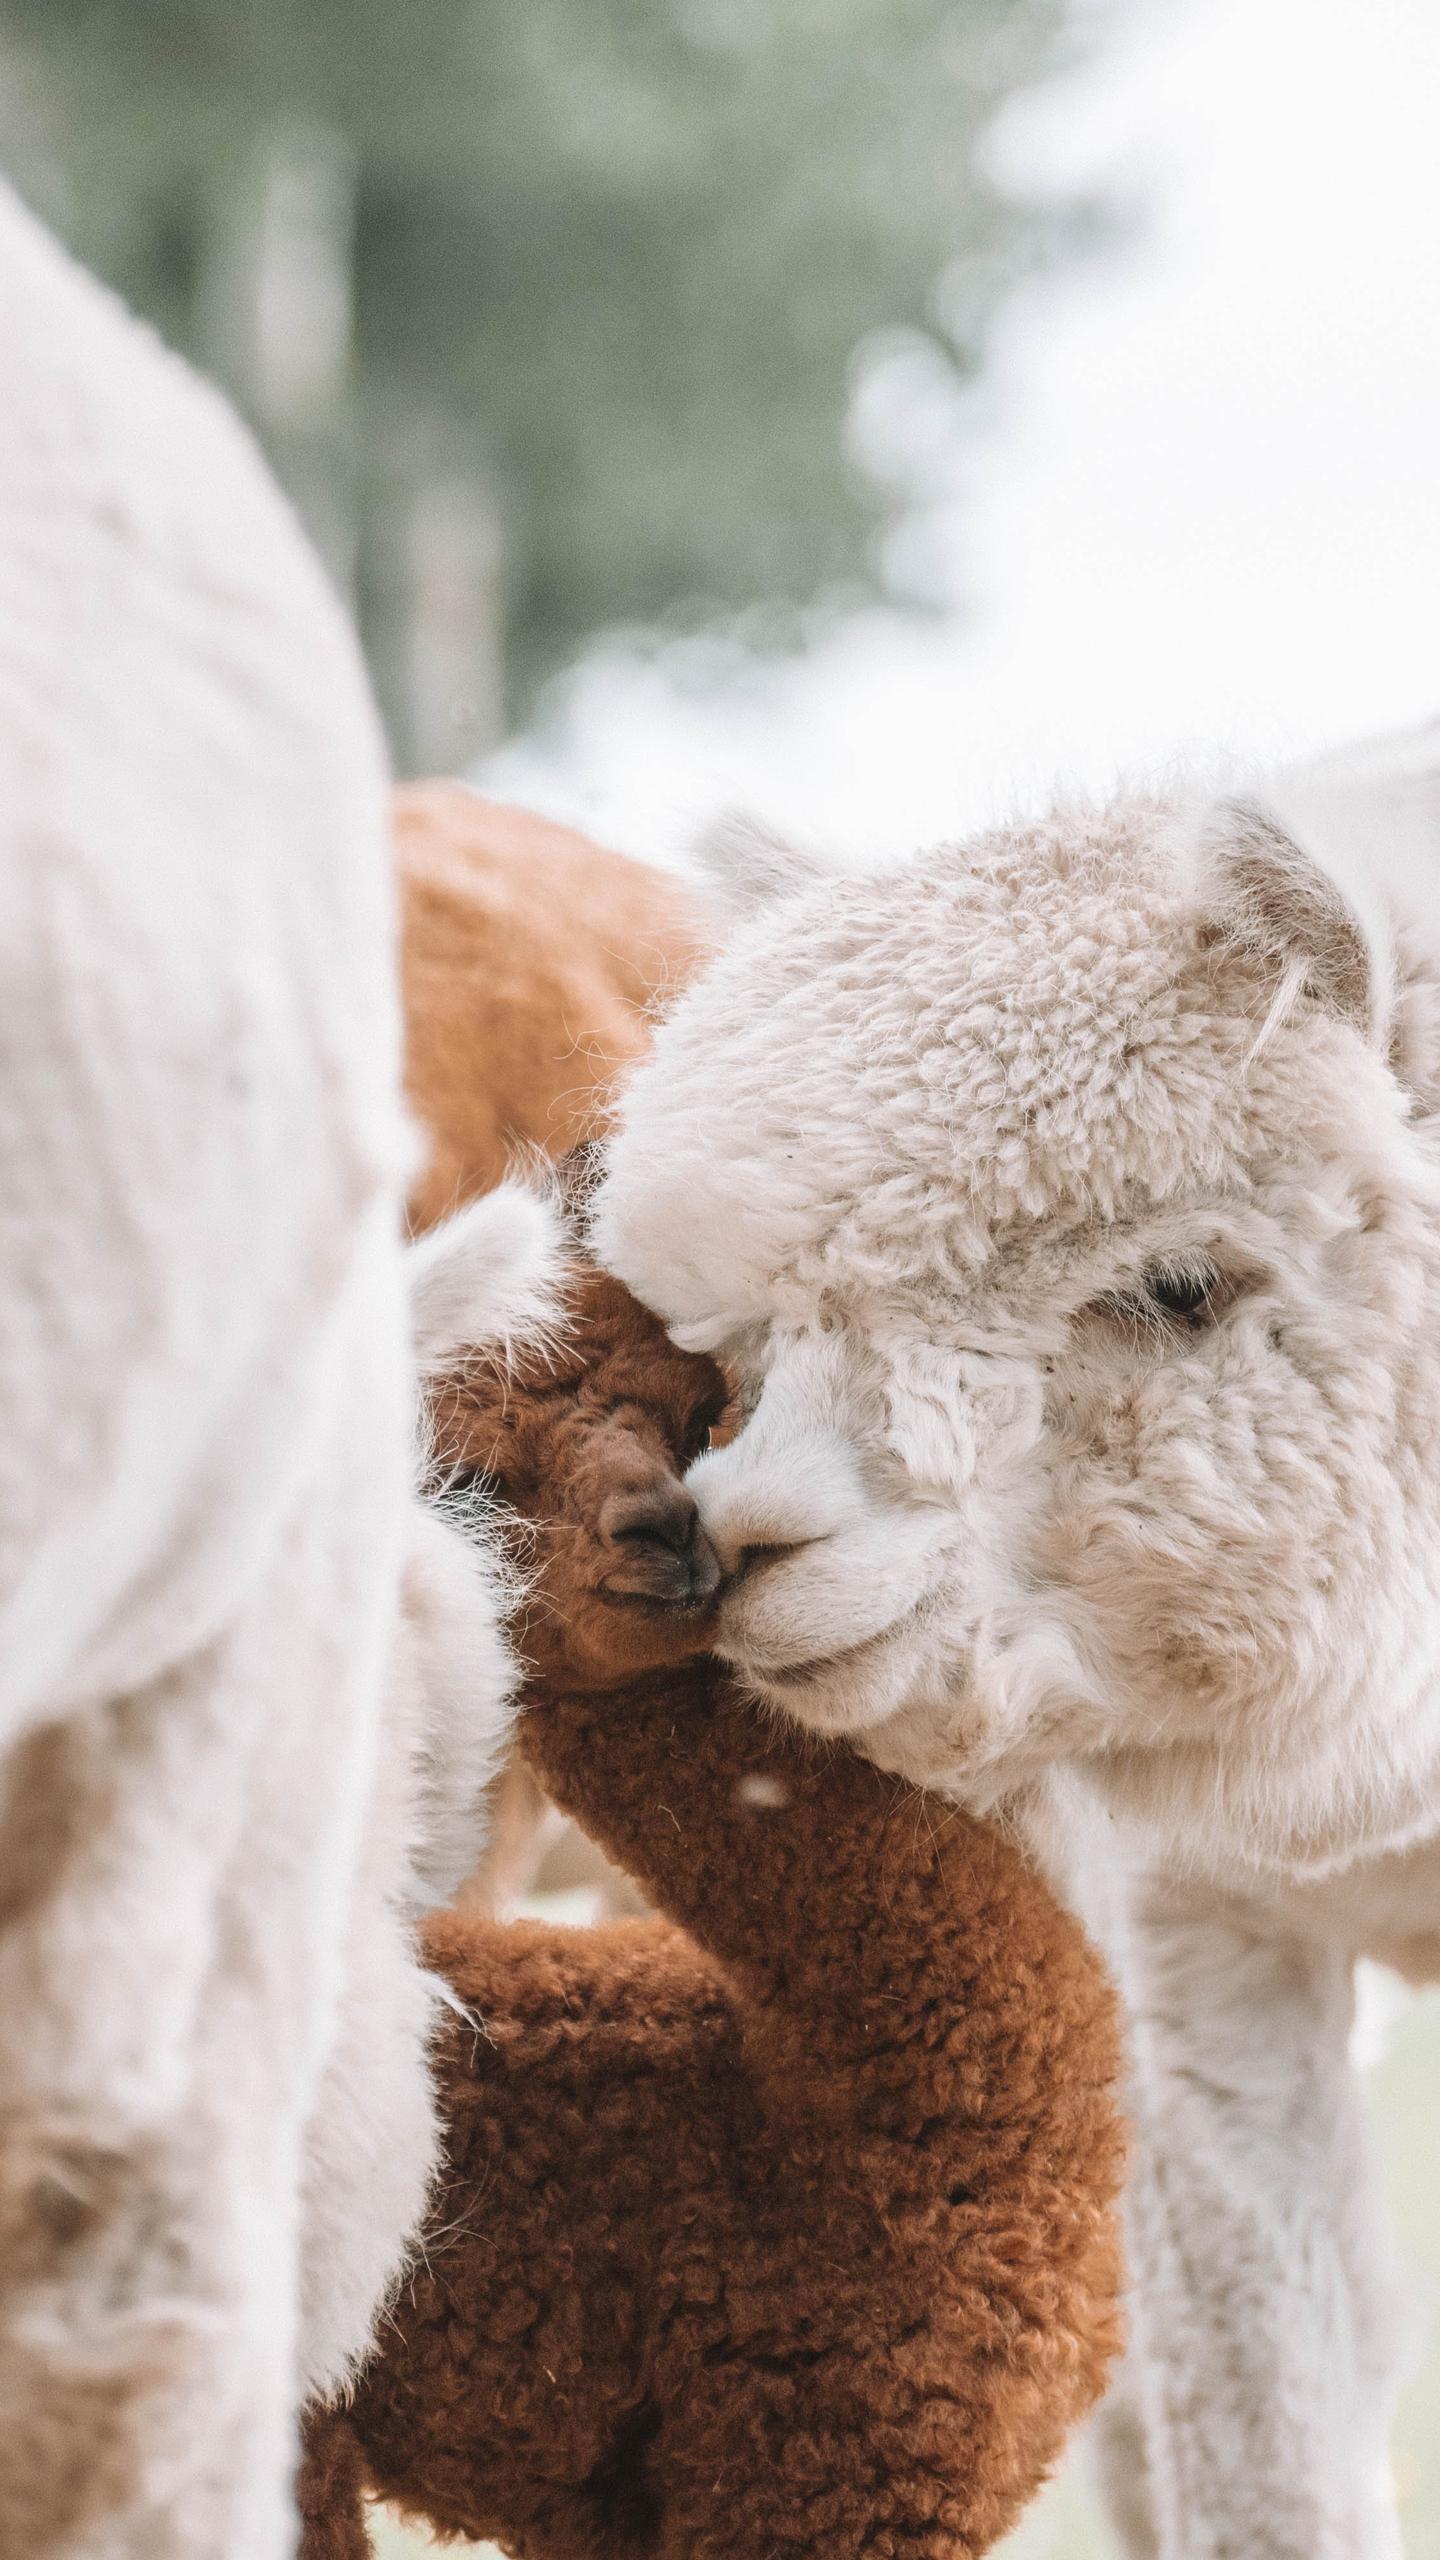 Alpaca cria 24 uur oud